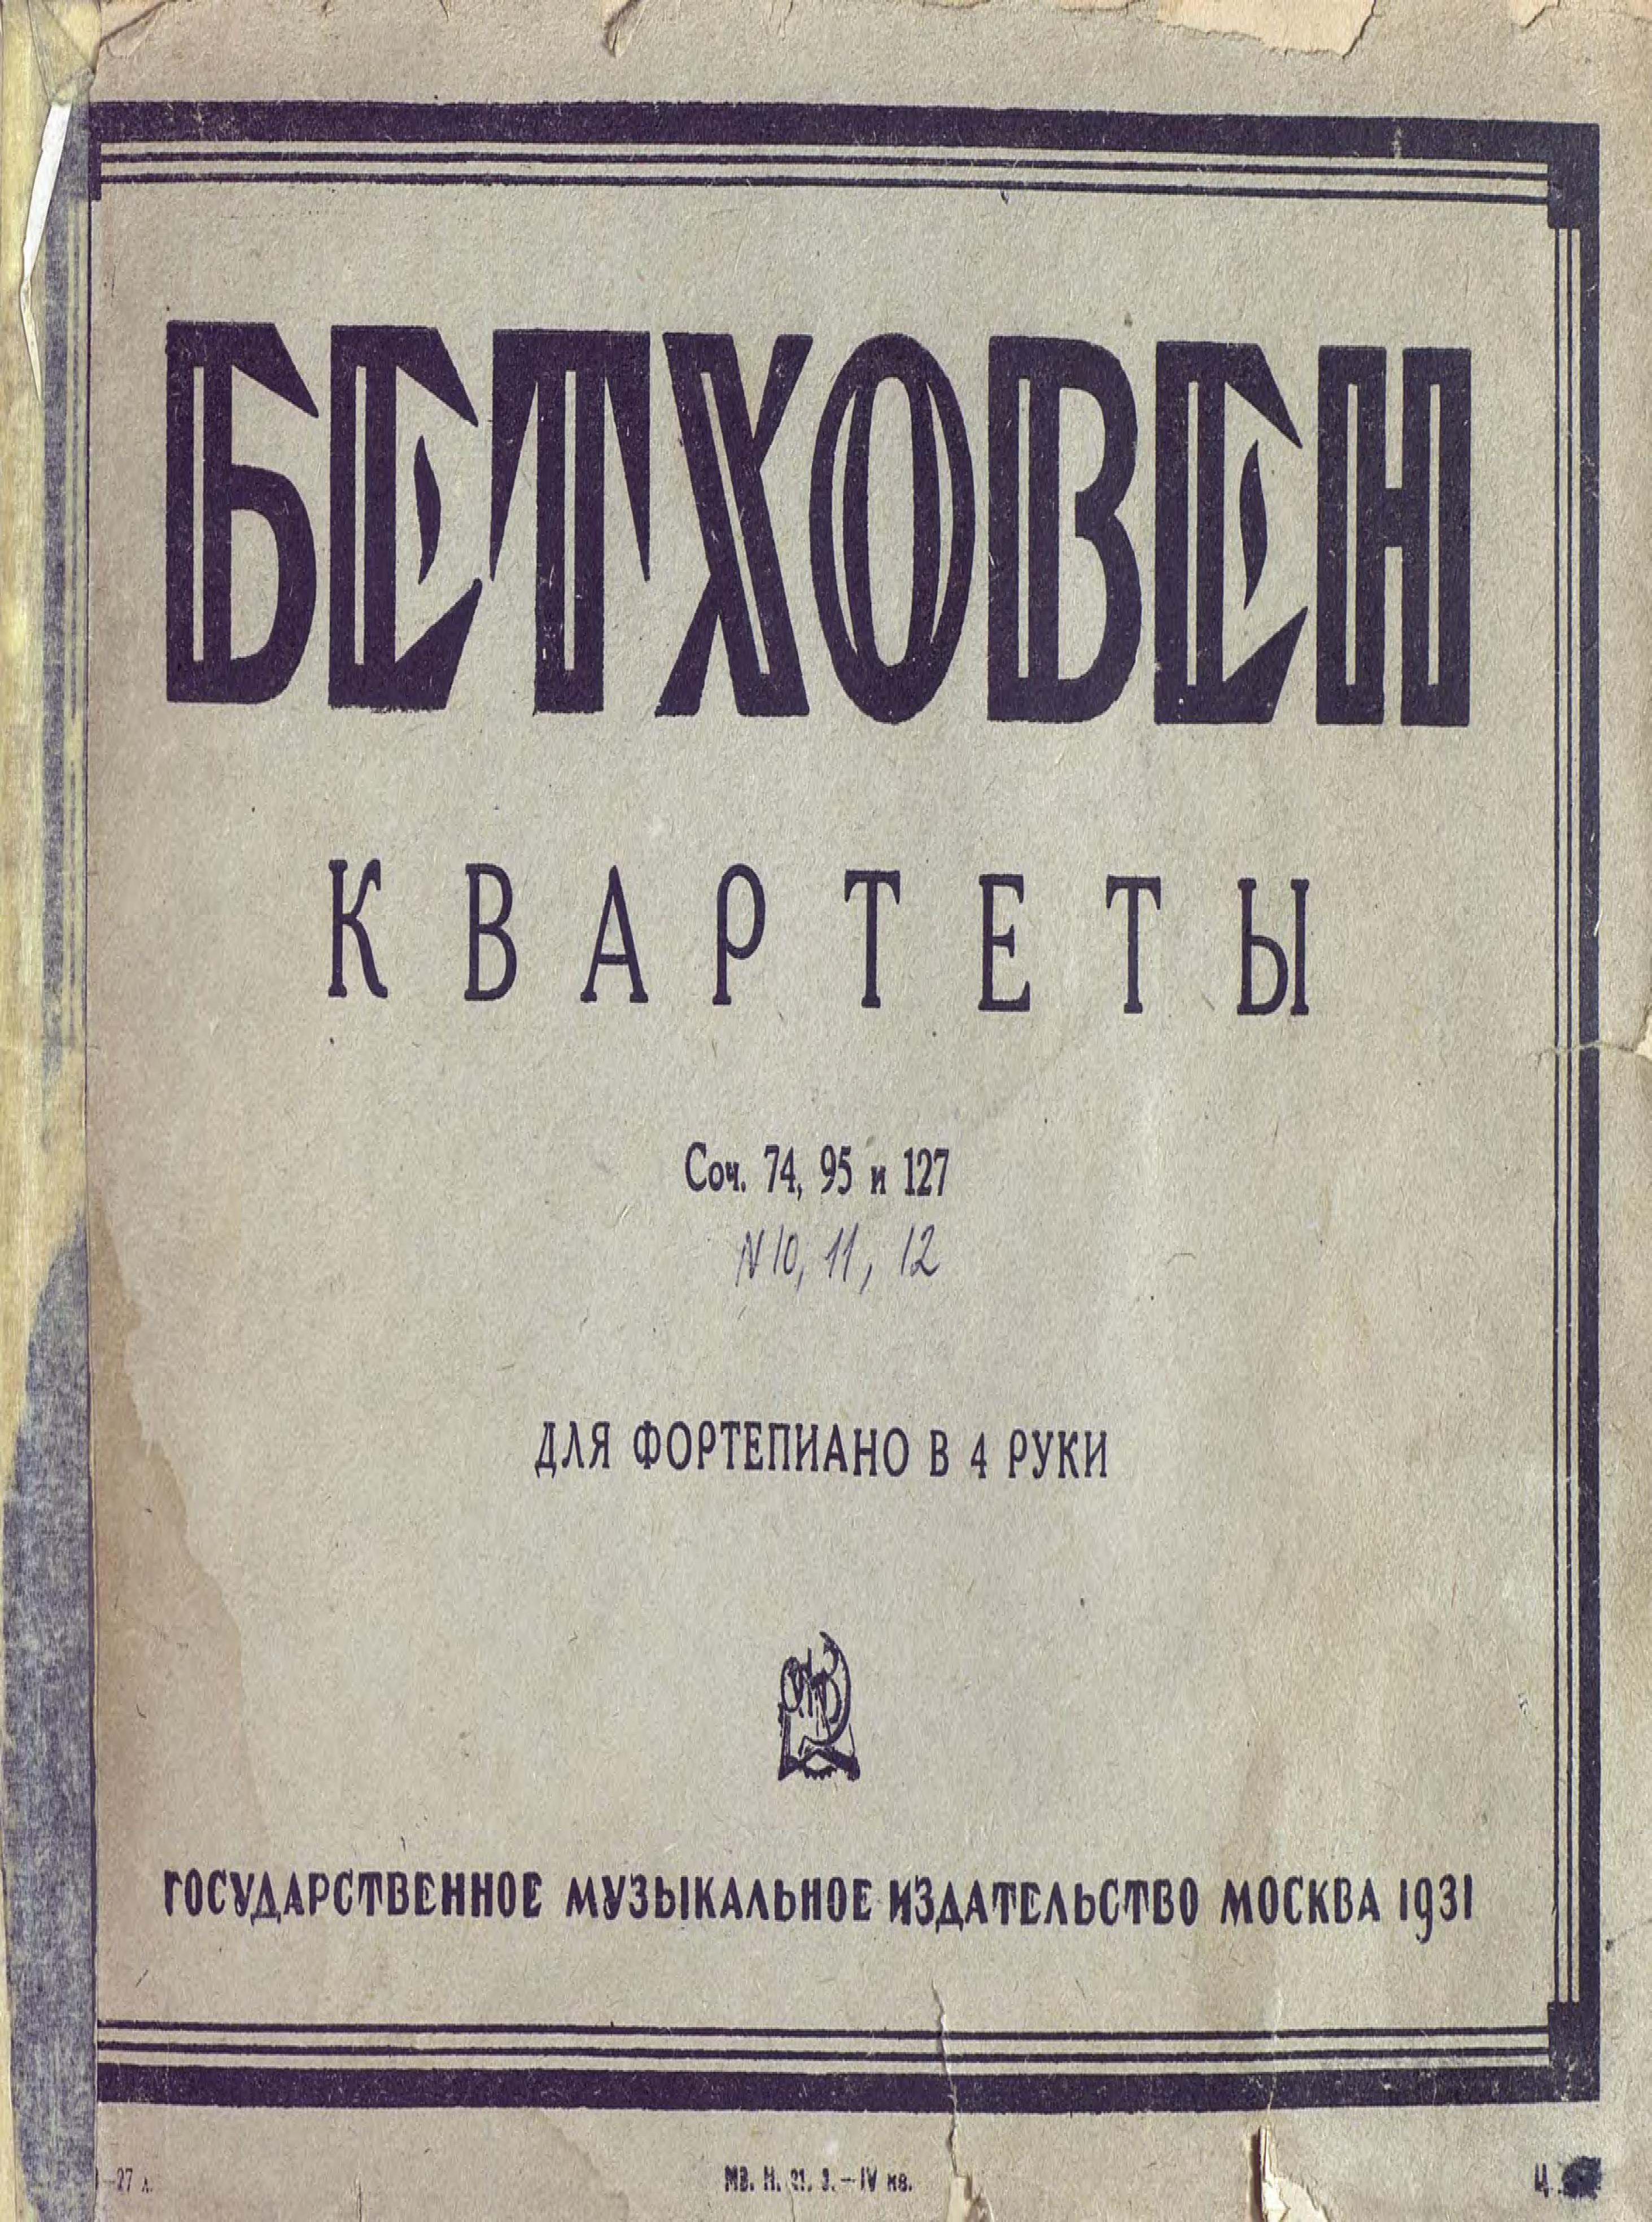 Людвиг ван Бетховен Квартеты 10, 11, 12